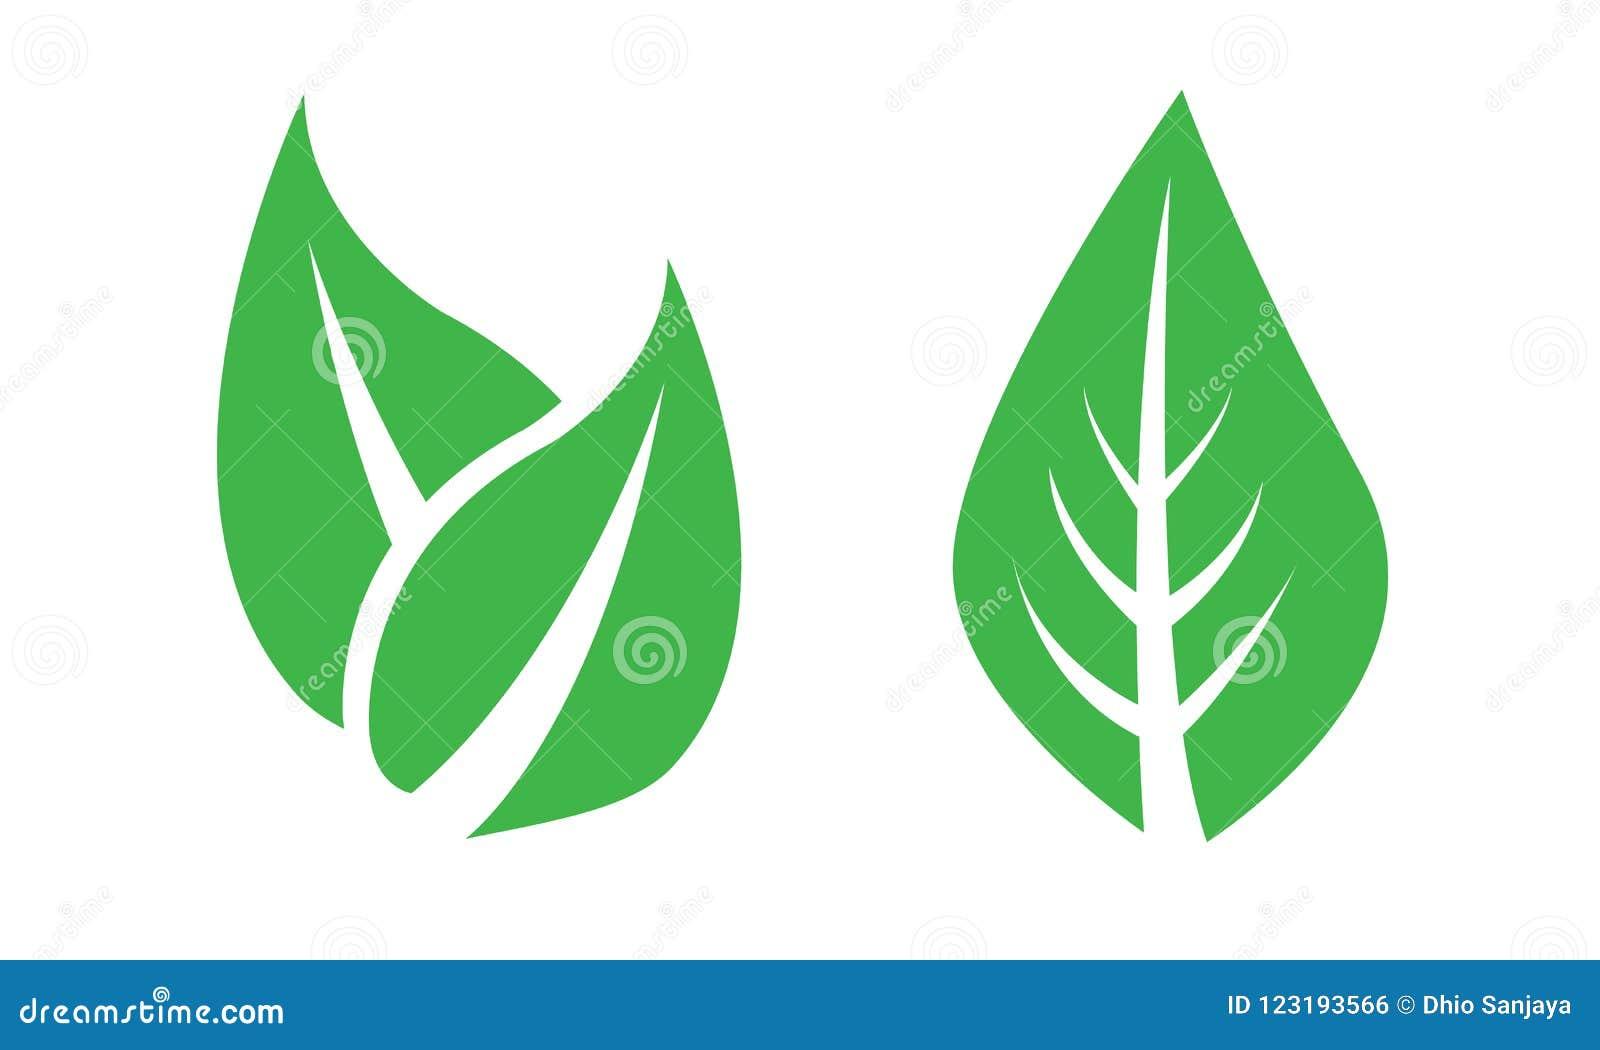 Folha, folhas, plantas, pinheiros, grama, logotipo, natureza, verde, grupo do ícone do vetor